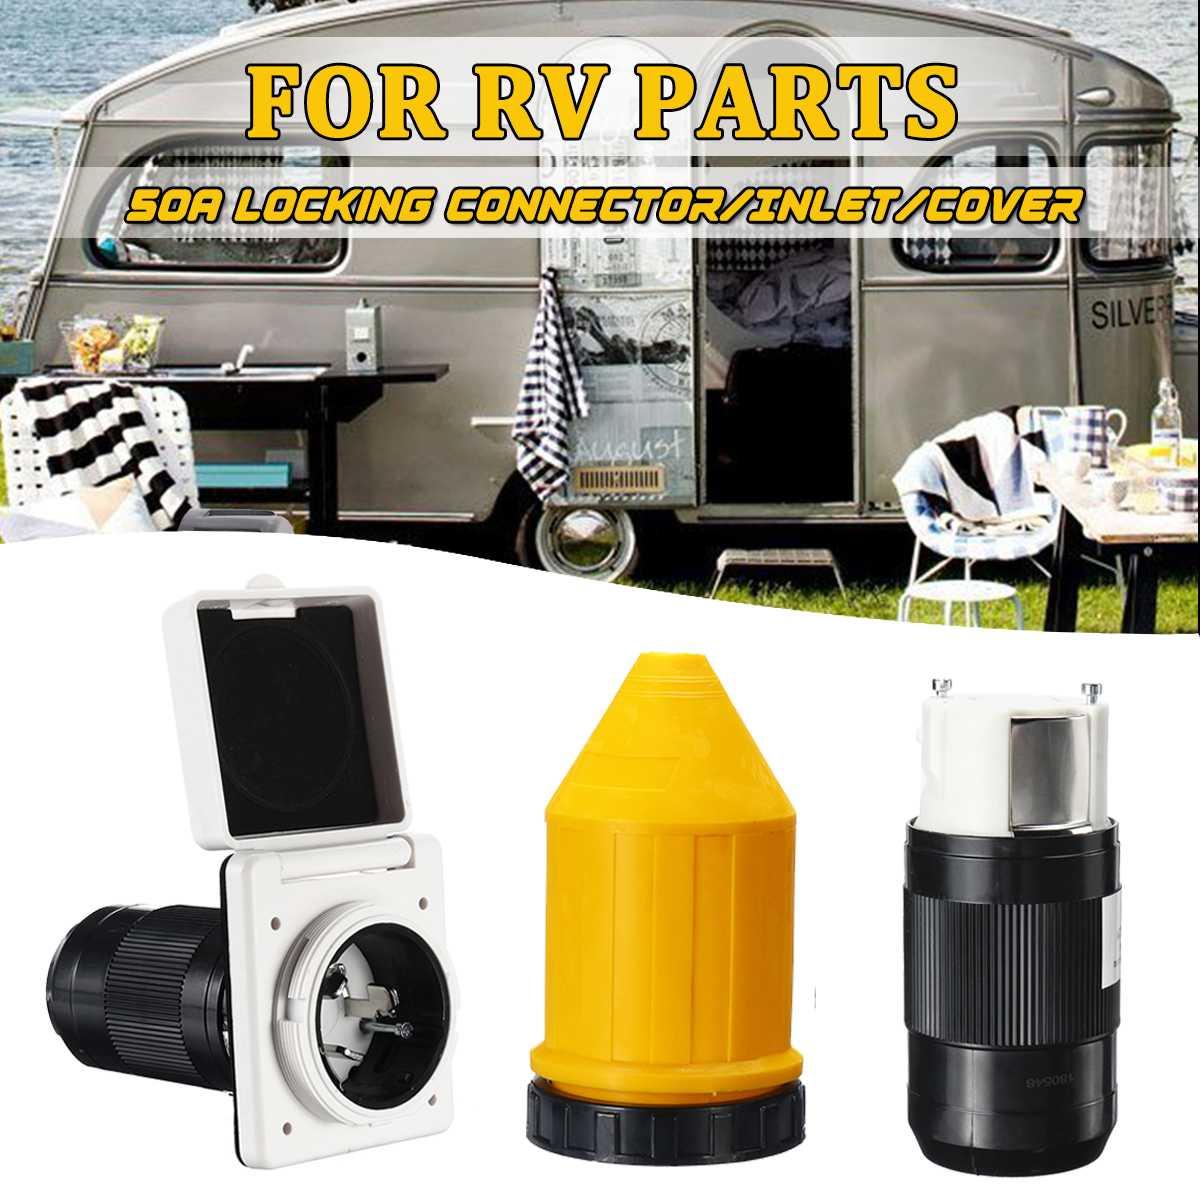 1 ensemble 50Amp 125 V/250 V RV alimentation électrique entrée femelle connecteur de verrouillage caravane bateaux RV accessoires